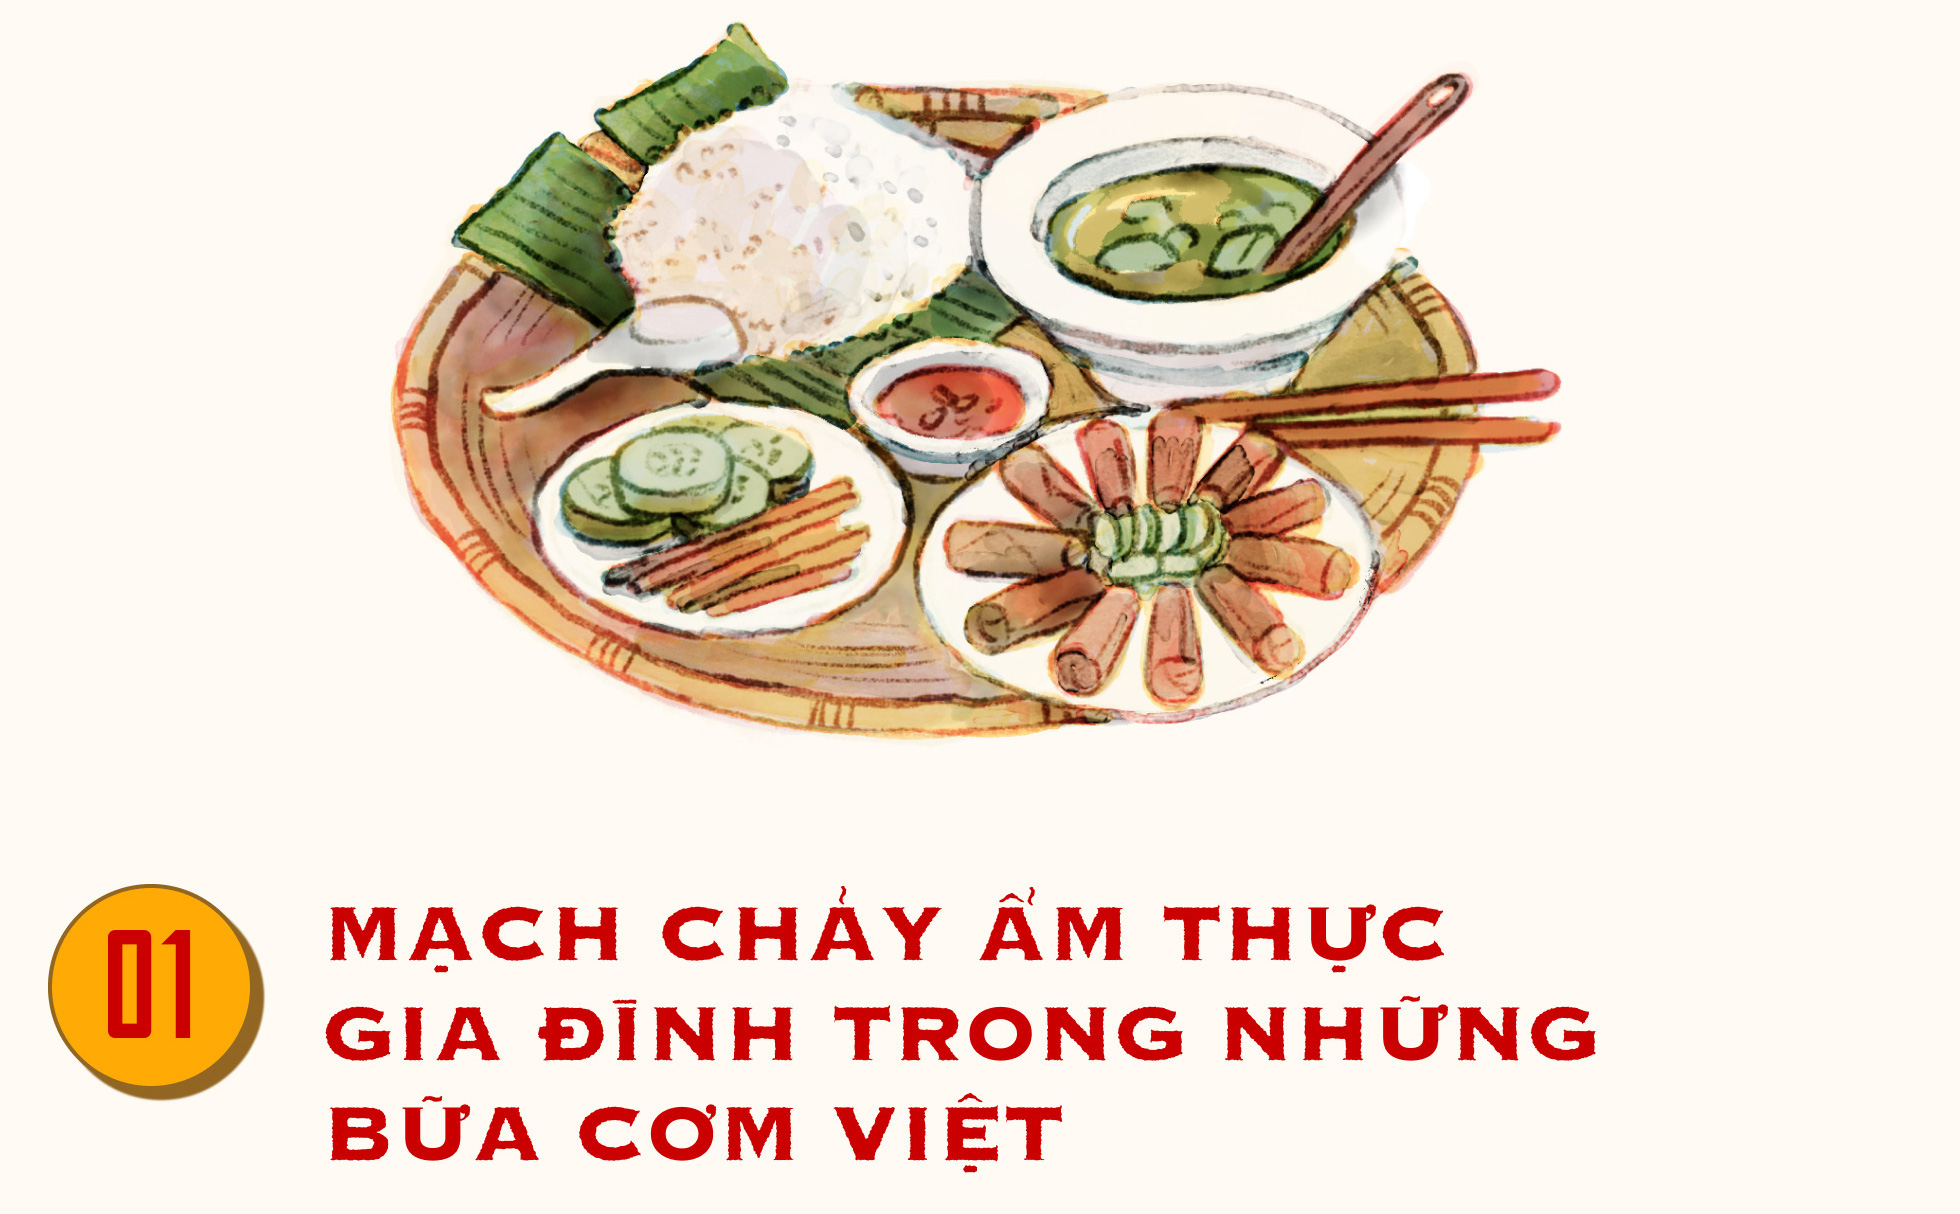 Nếp nhà trong những bữa cơm Việt truyền thống, ướp đậm tình cảm gia đình yêu thương - Ảnh 1.